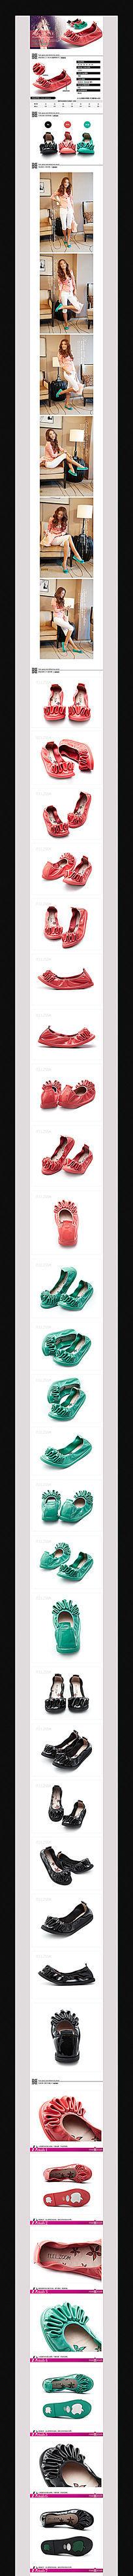 天猫女鞋细节描述图素材模板